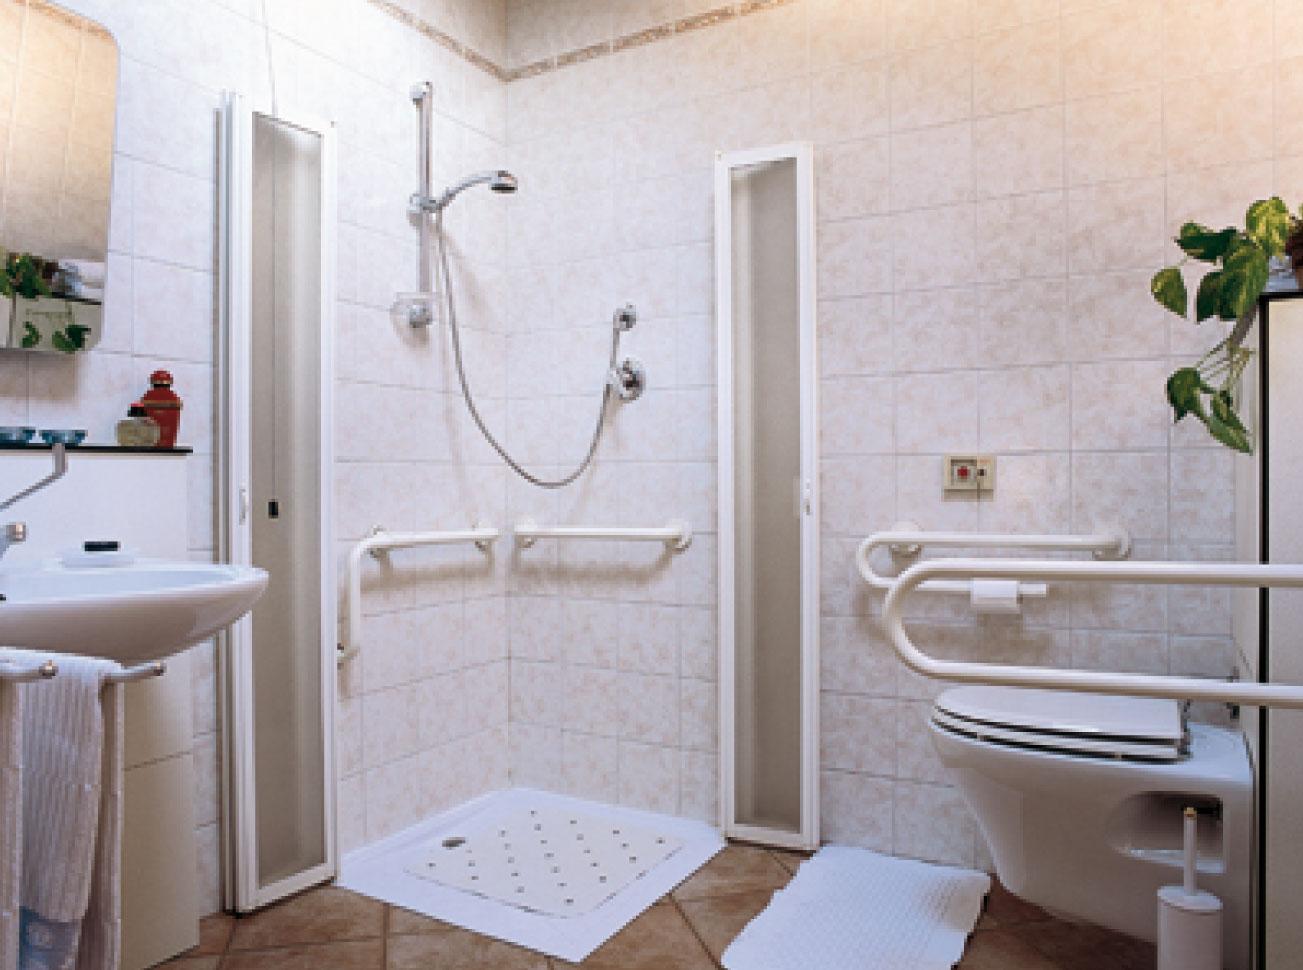 Realizzazione bagni per disabili quali agevolazioni